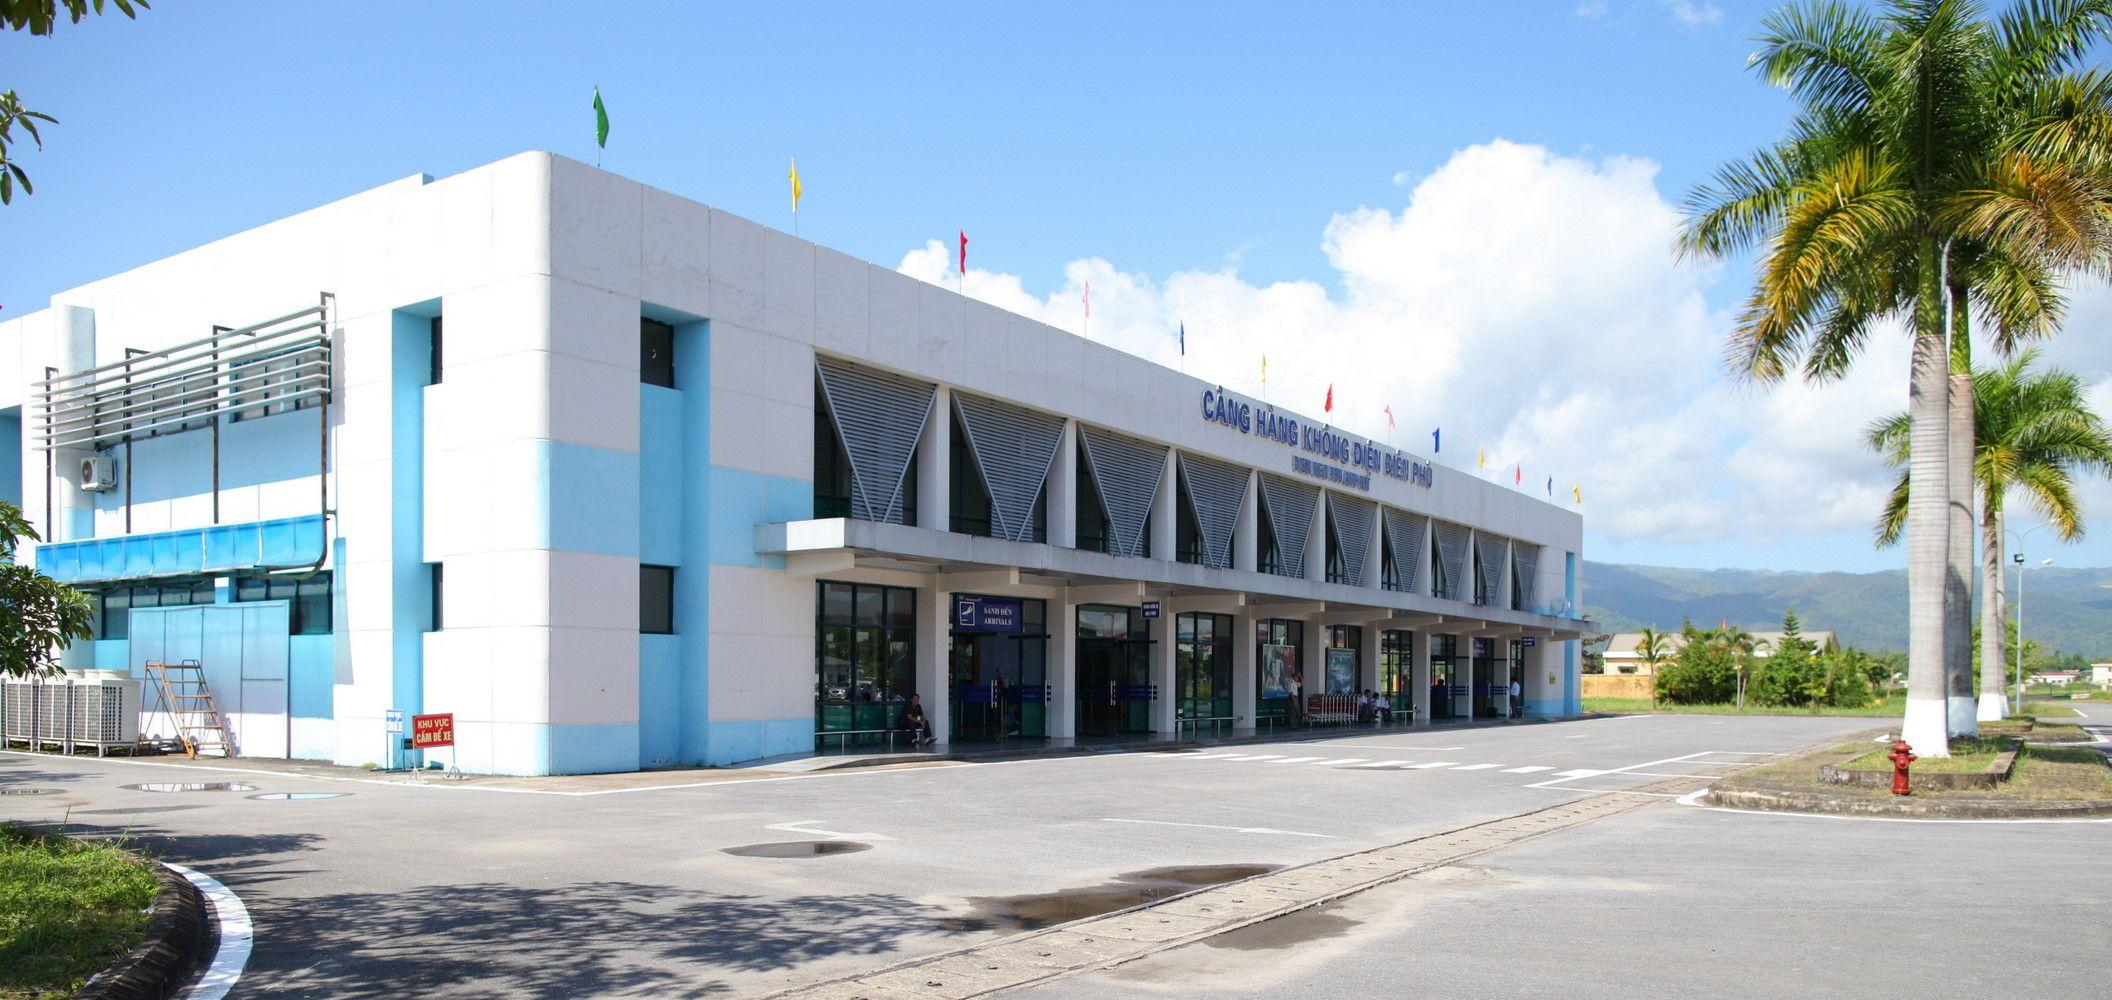 Dien Bien Phu Airport (DIN)